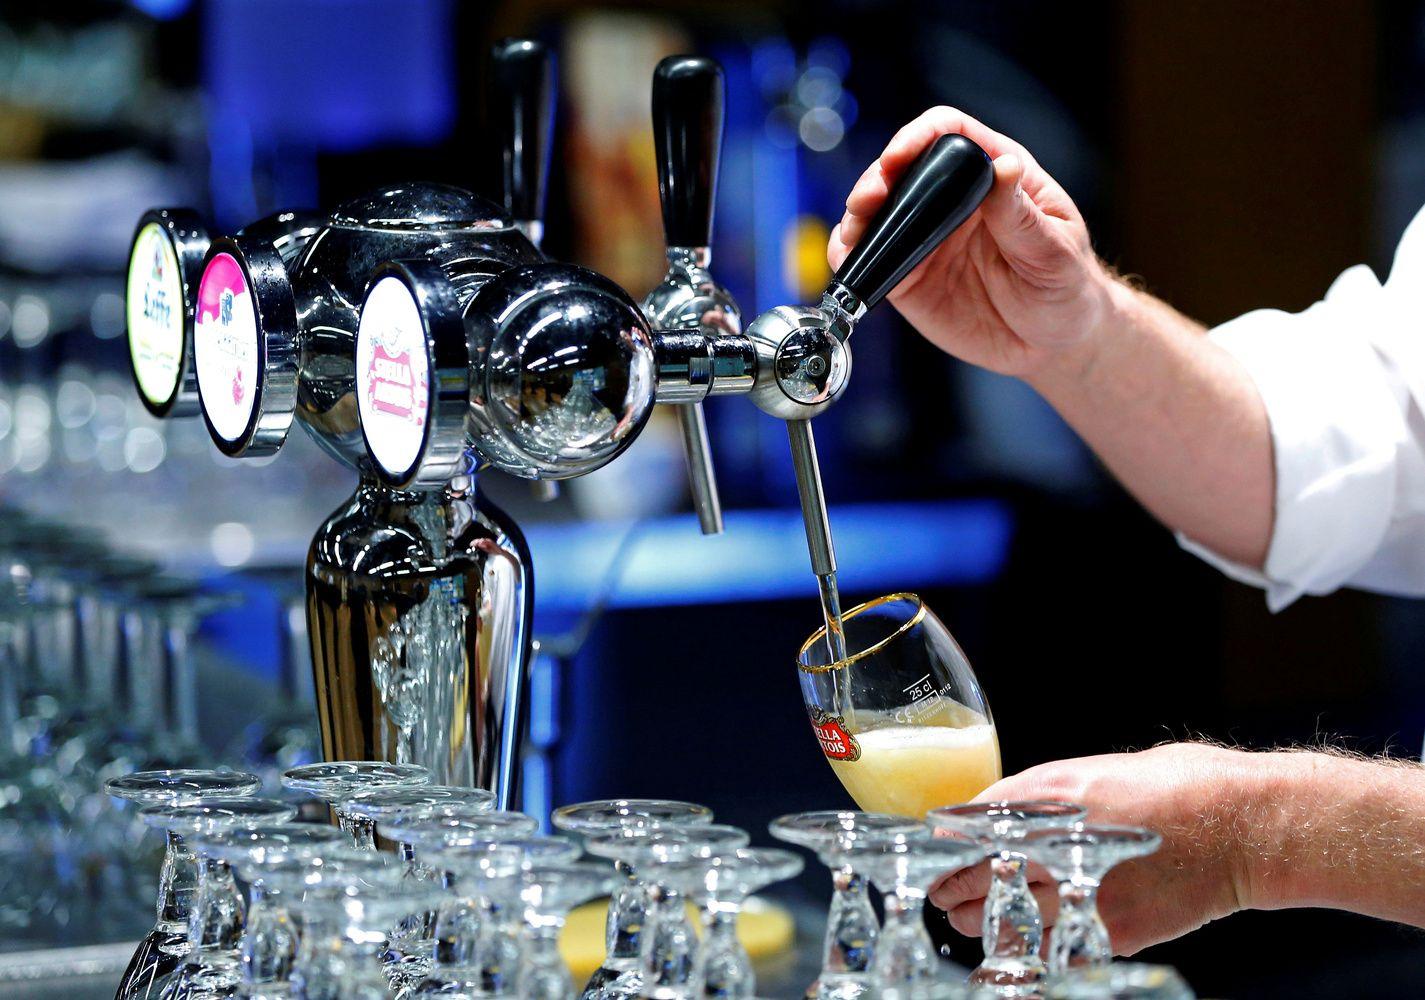 Pasaulio aludarių pajamas augino gerėjančios ekonominės aplinkybės